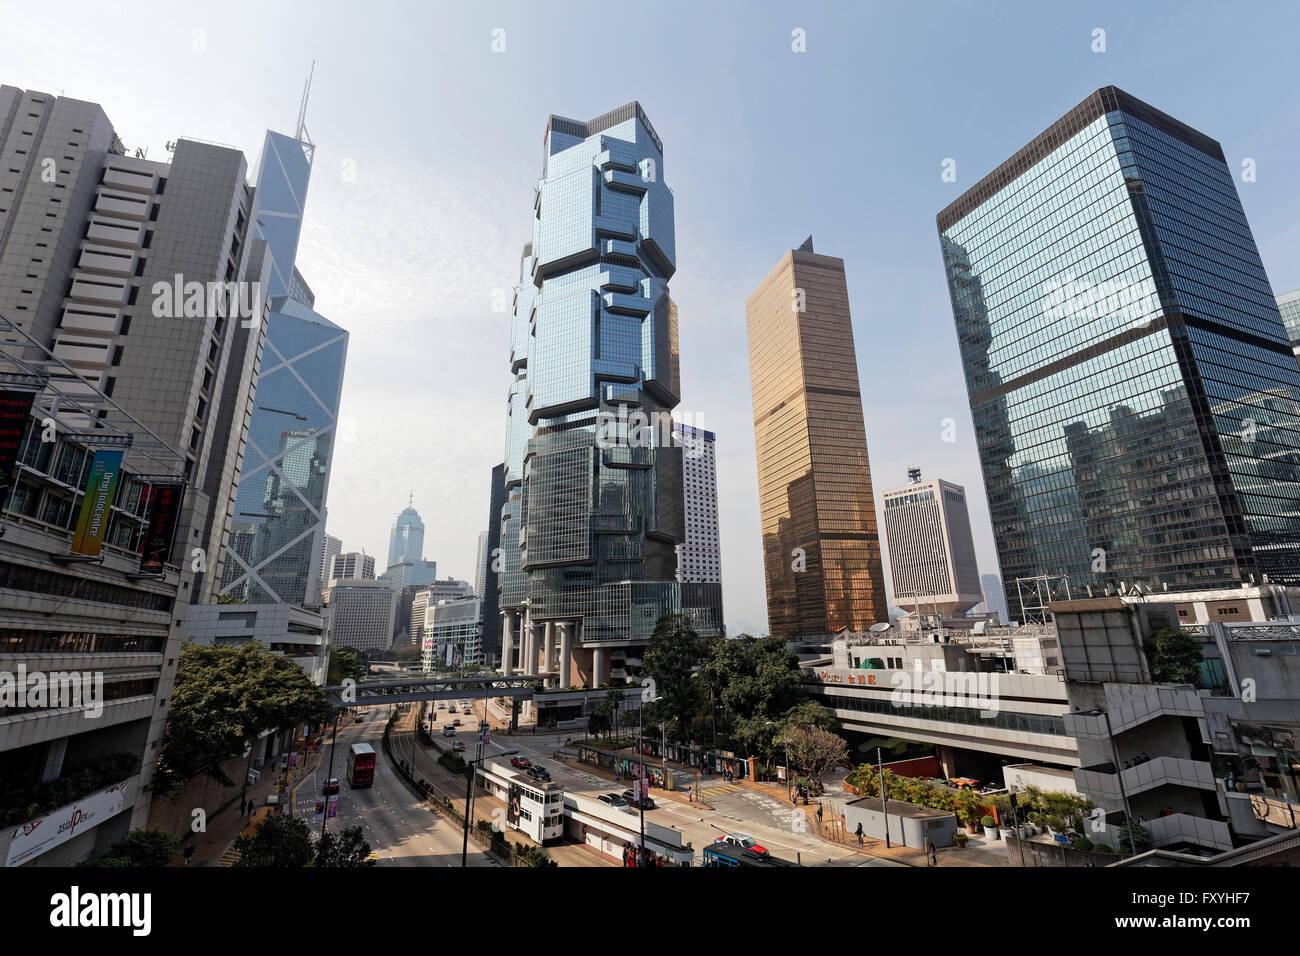 Las estaciones de metro de Queensway con Lippo Center y el Centro de Finanzas de Lejano Oriente, Admiralty, Distrito Imagen De Stock